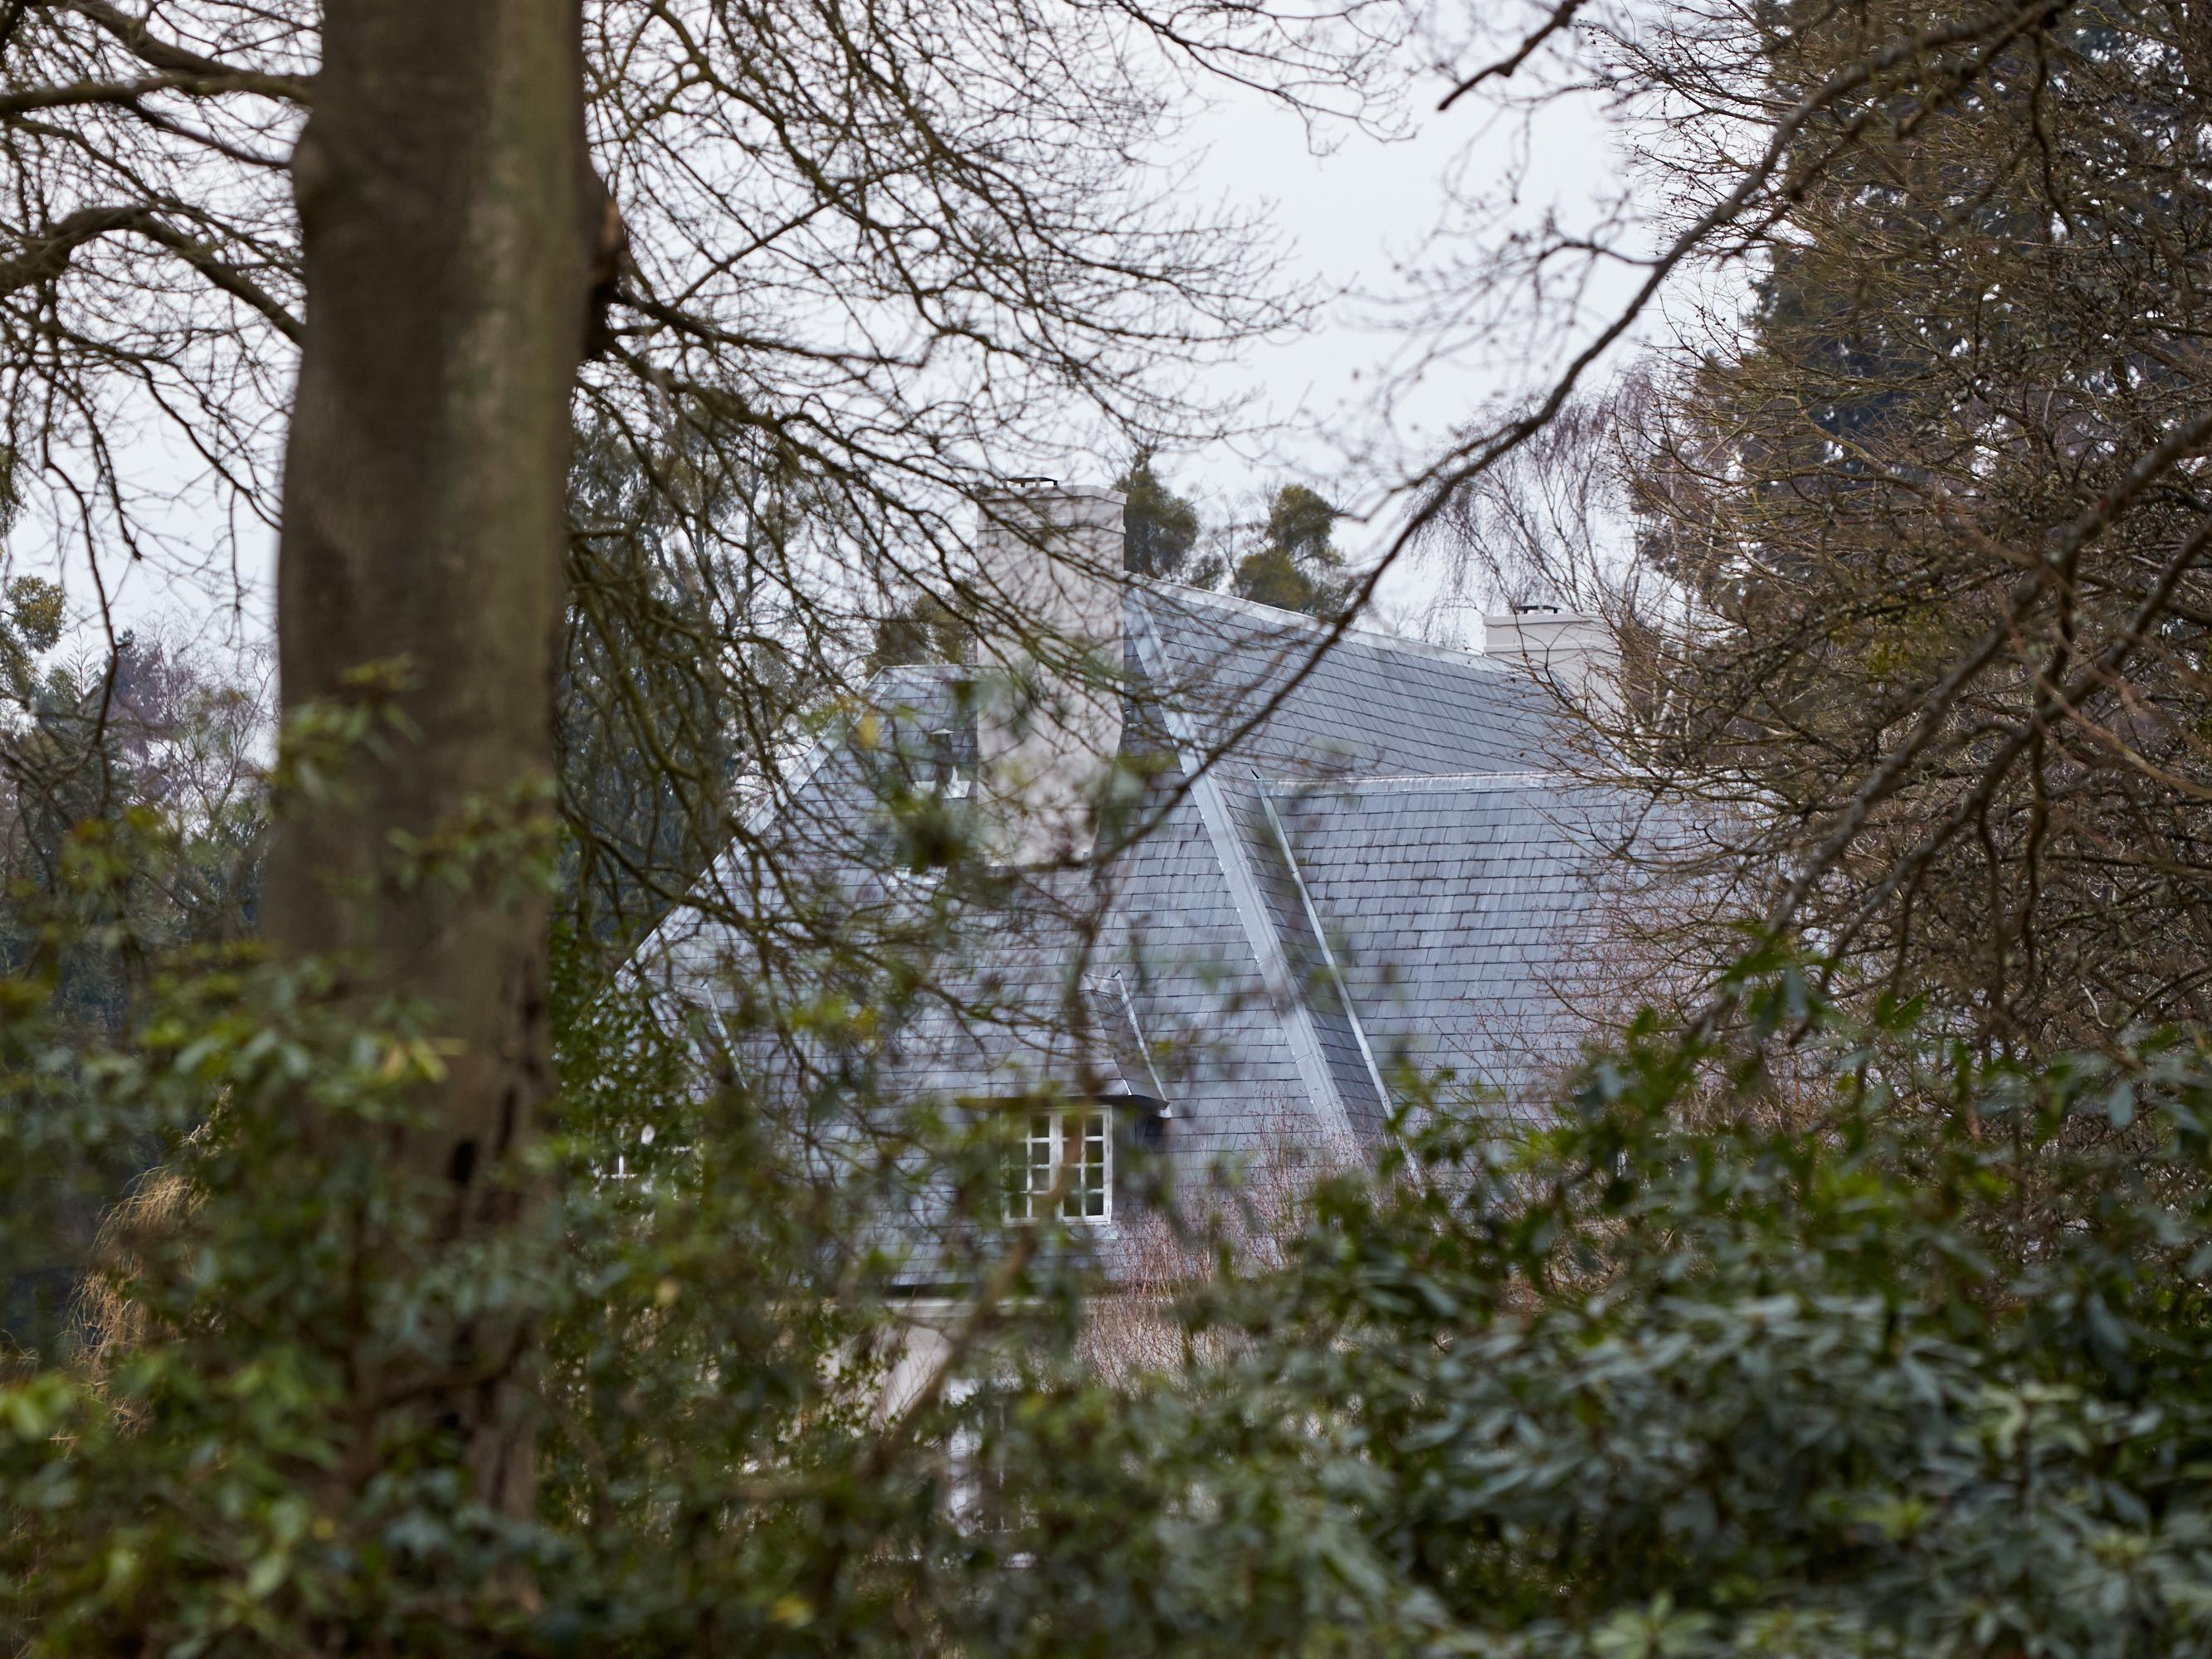 Дом бывшей жены Березовского в графстве Беркшир (Великобритания), где было онаружено тело покойного бизнесмена